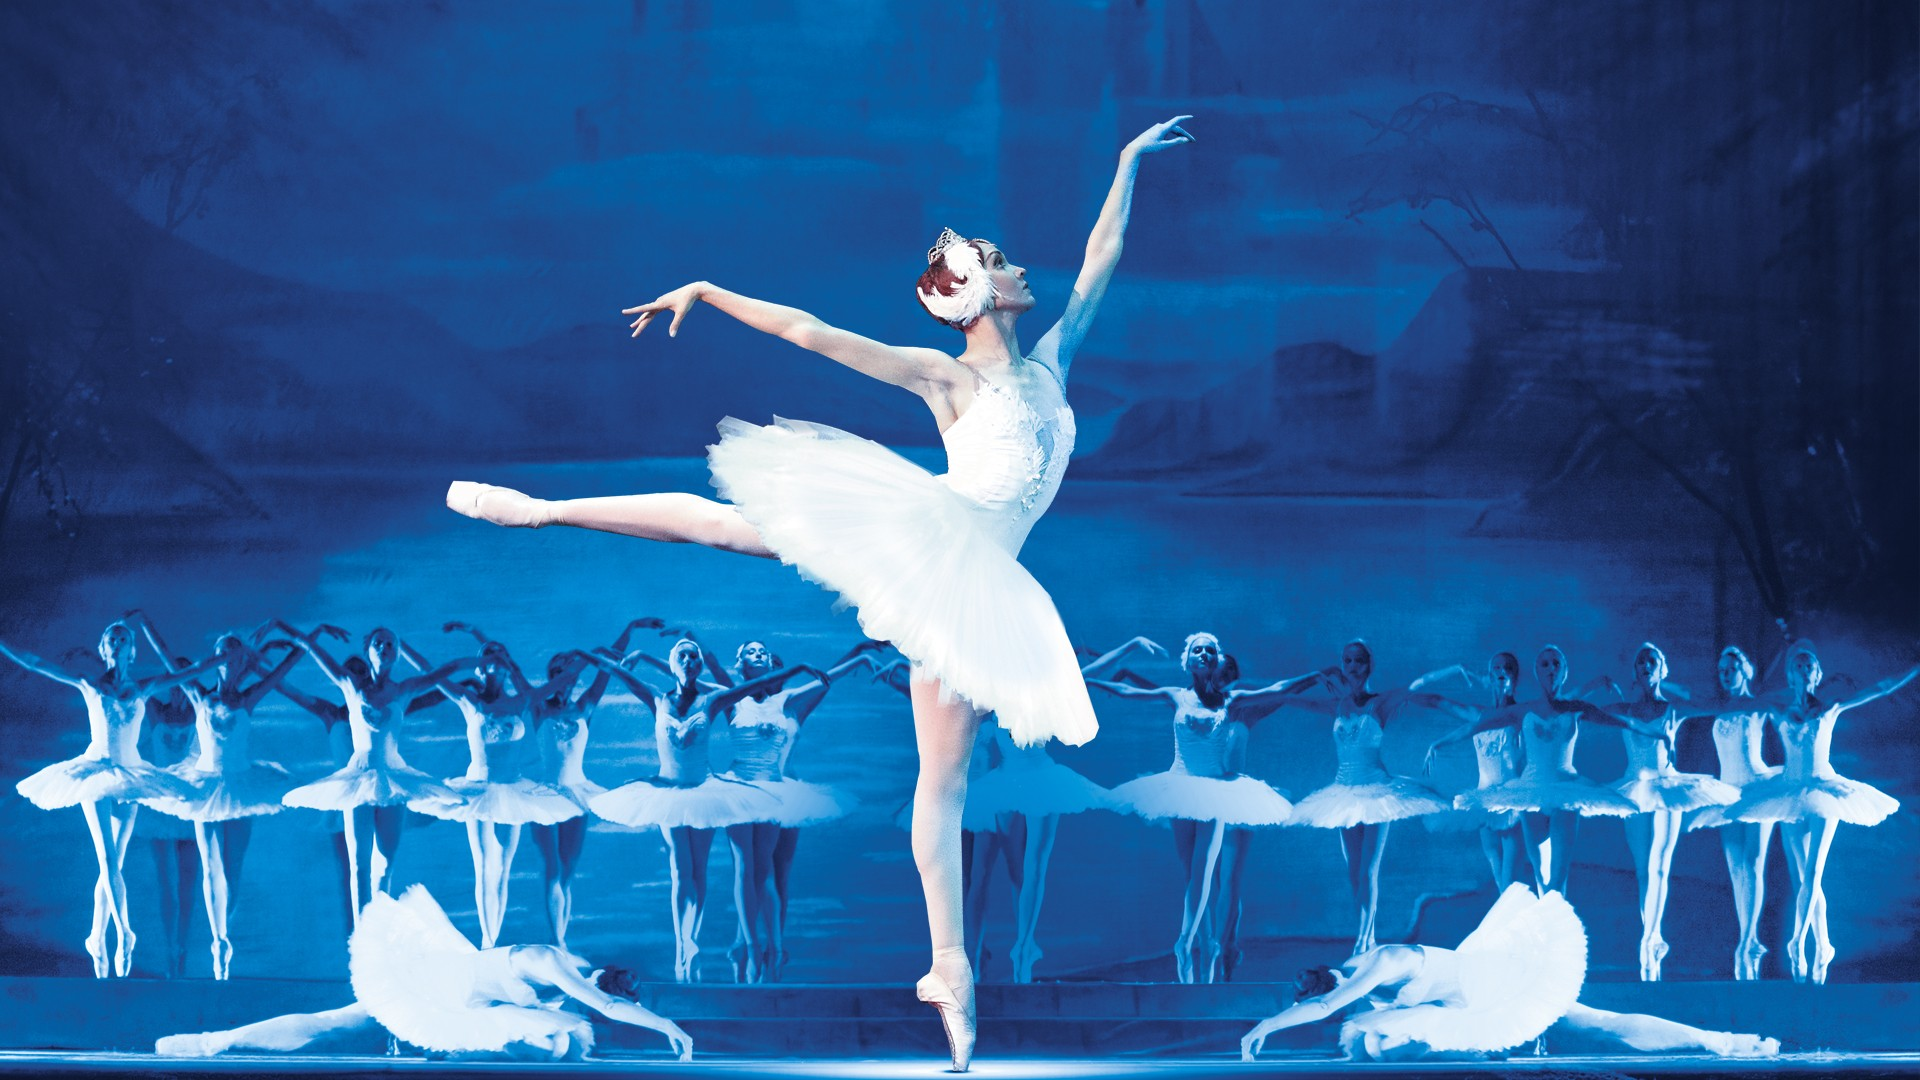 """VII Международный фестиваль балета в Кремле. Лебединое озеро. Спектакль театра """"Кремлёвский балет"""""""